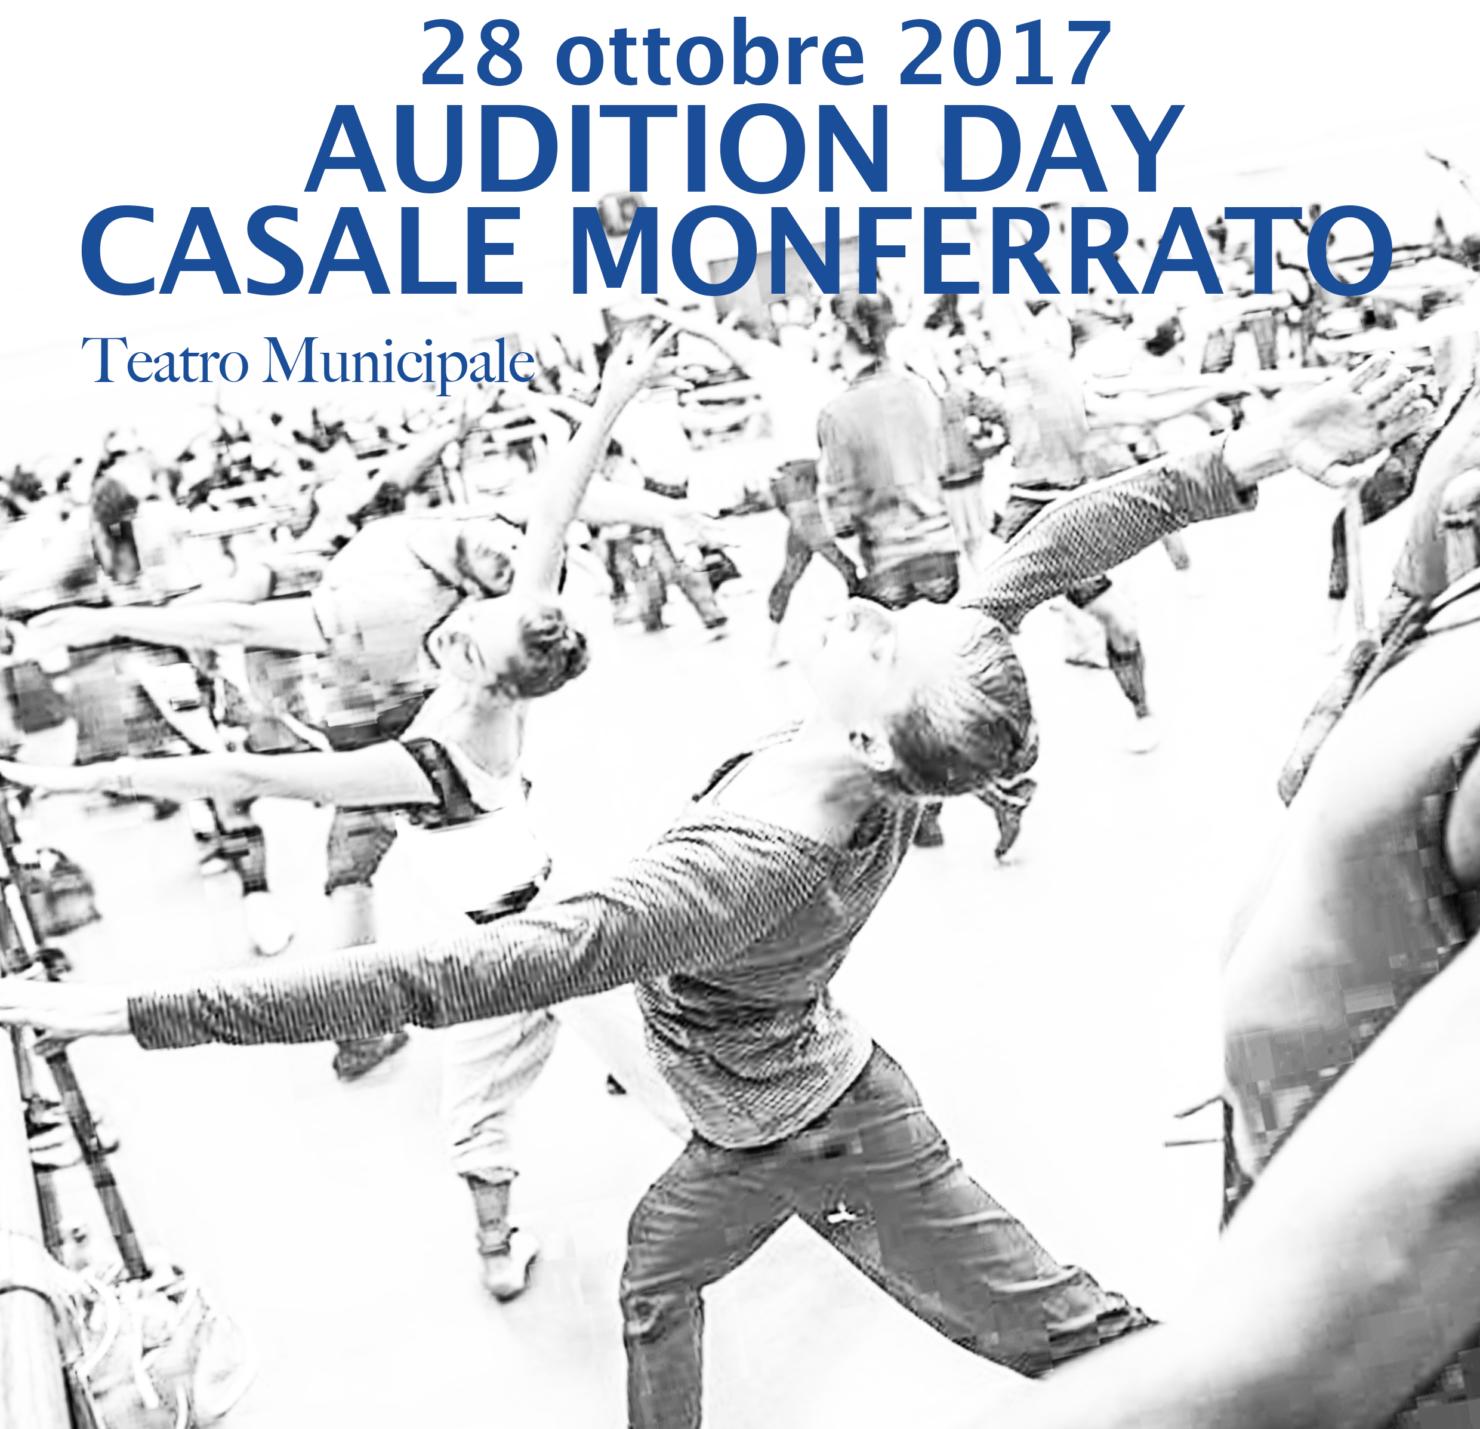 Audition Day. Audizioni per danzatori, cantanti lirici e attori a Casale Monferrato